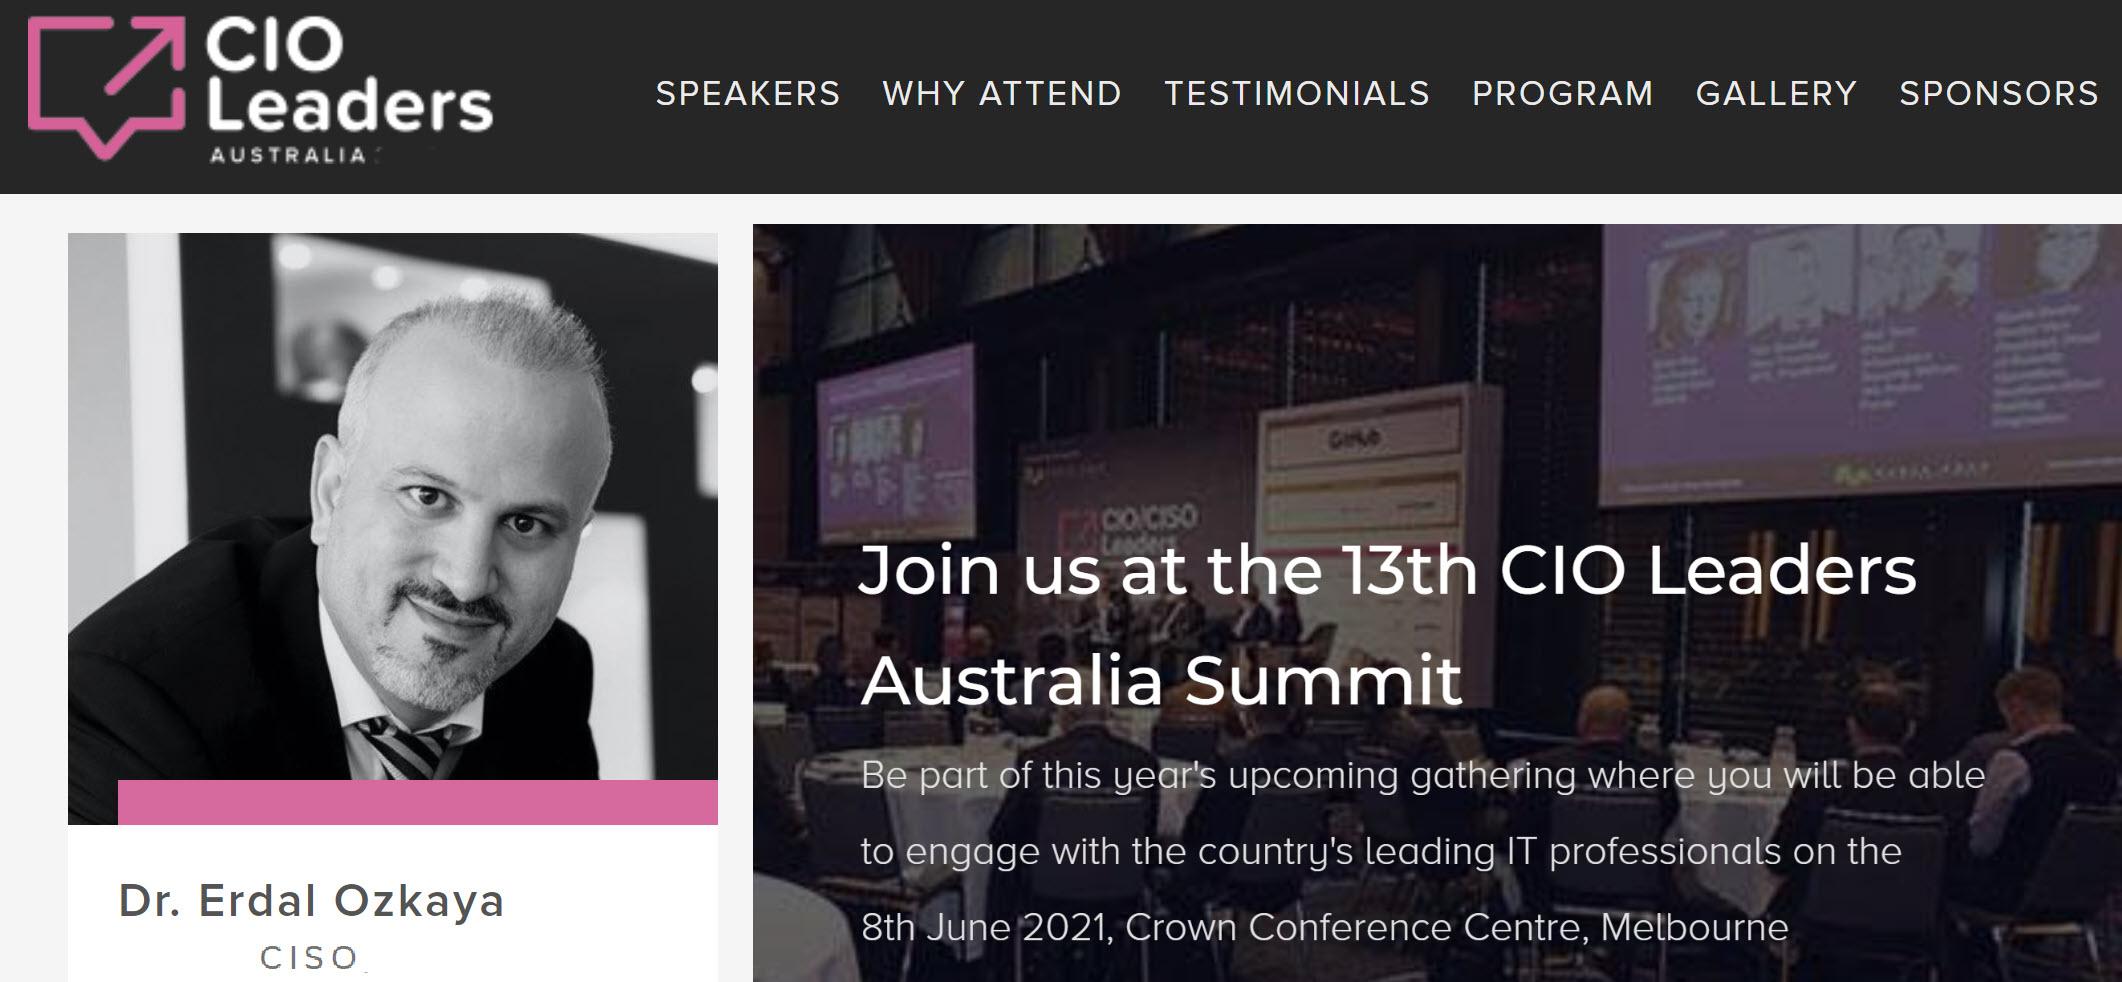 Australian cio leaders summit